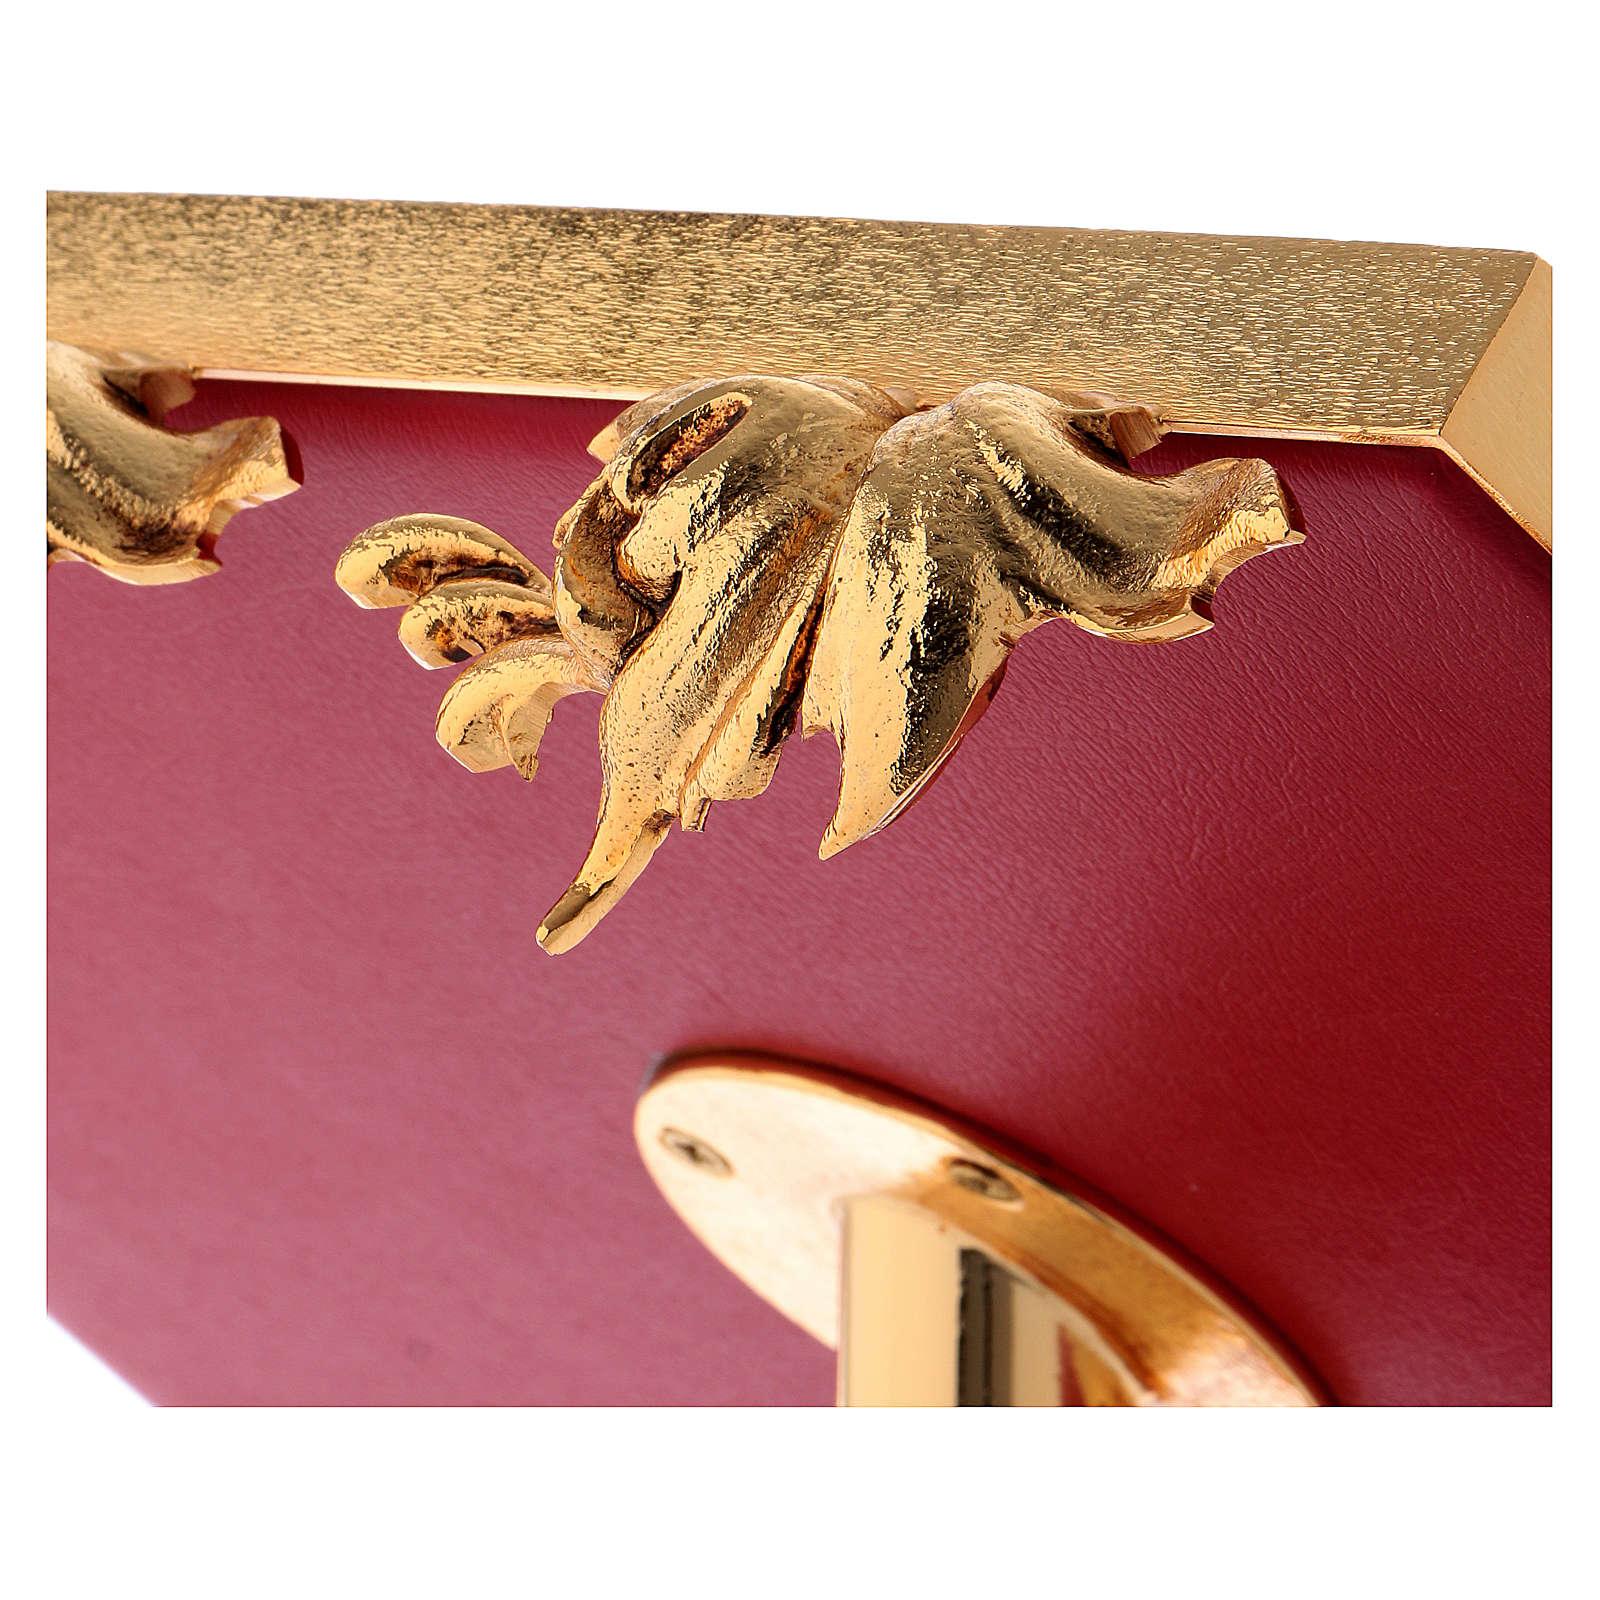 Leggio da mensa girevole ottone fuso bagno oro 24 K 4